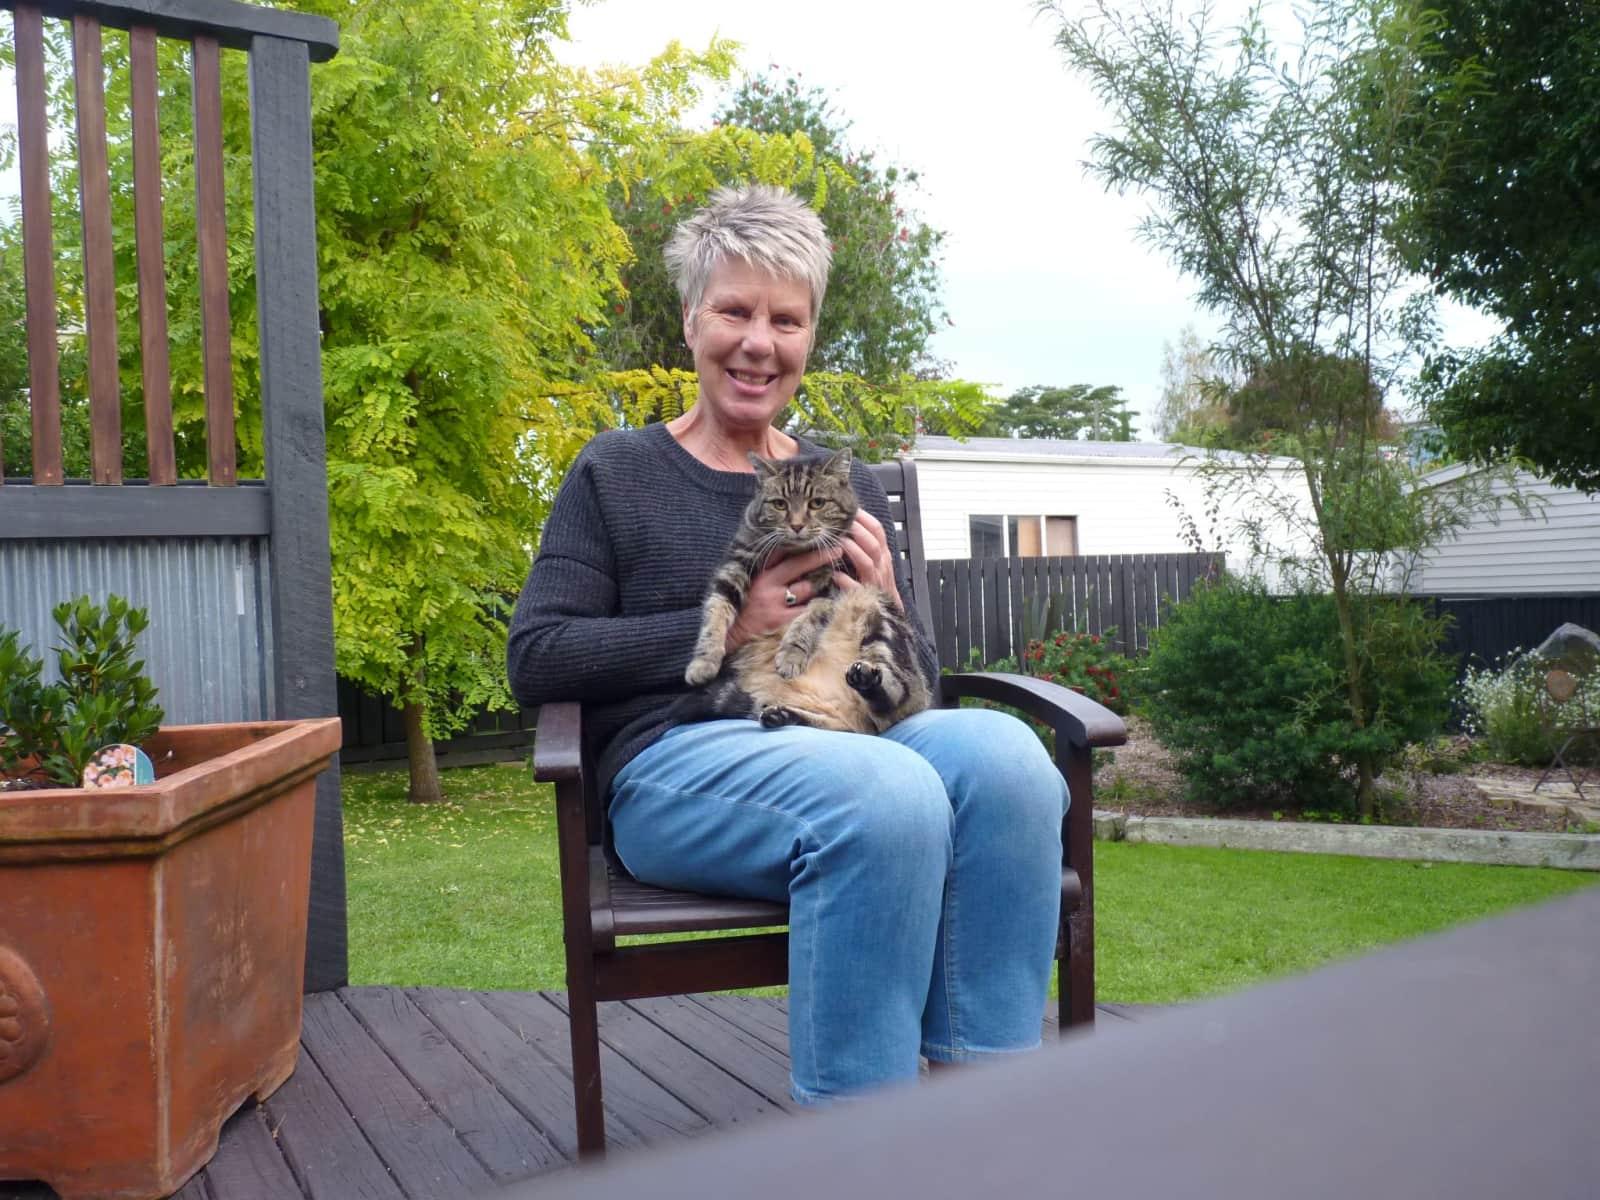 Frances from Paeroa, New Zealand